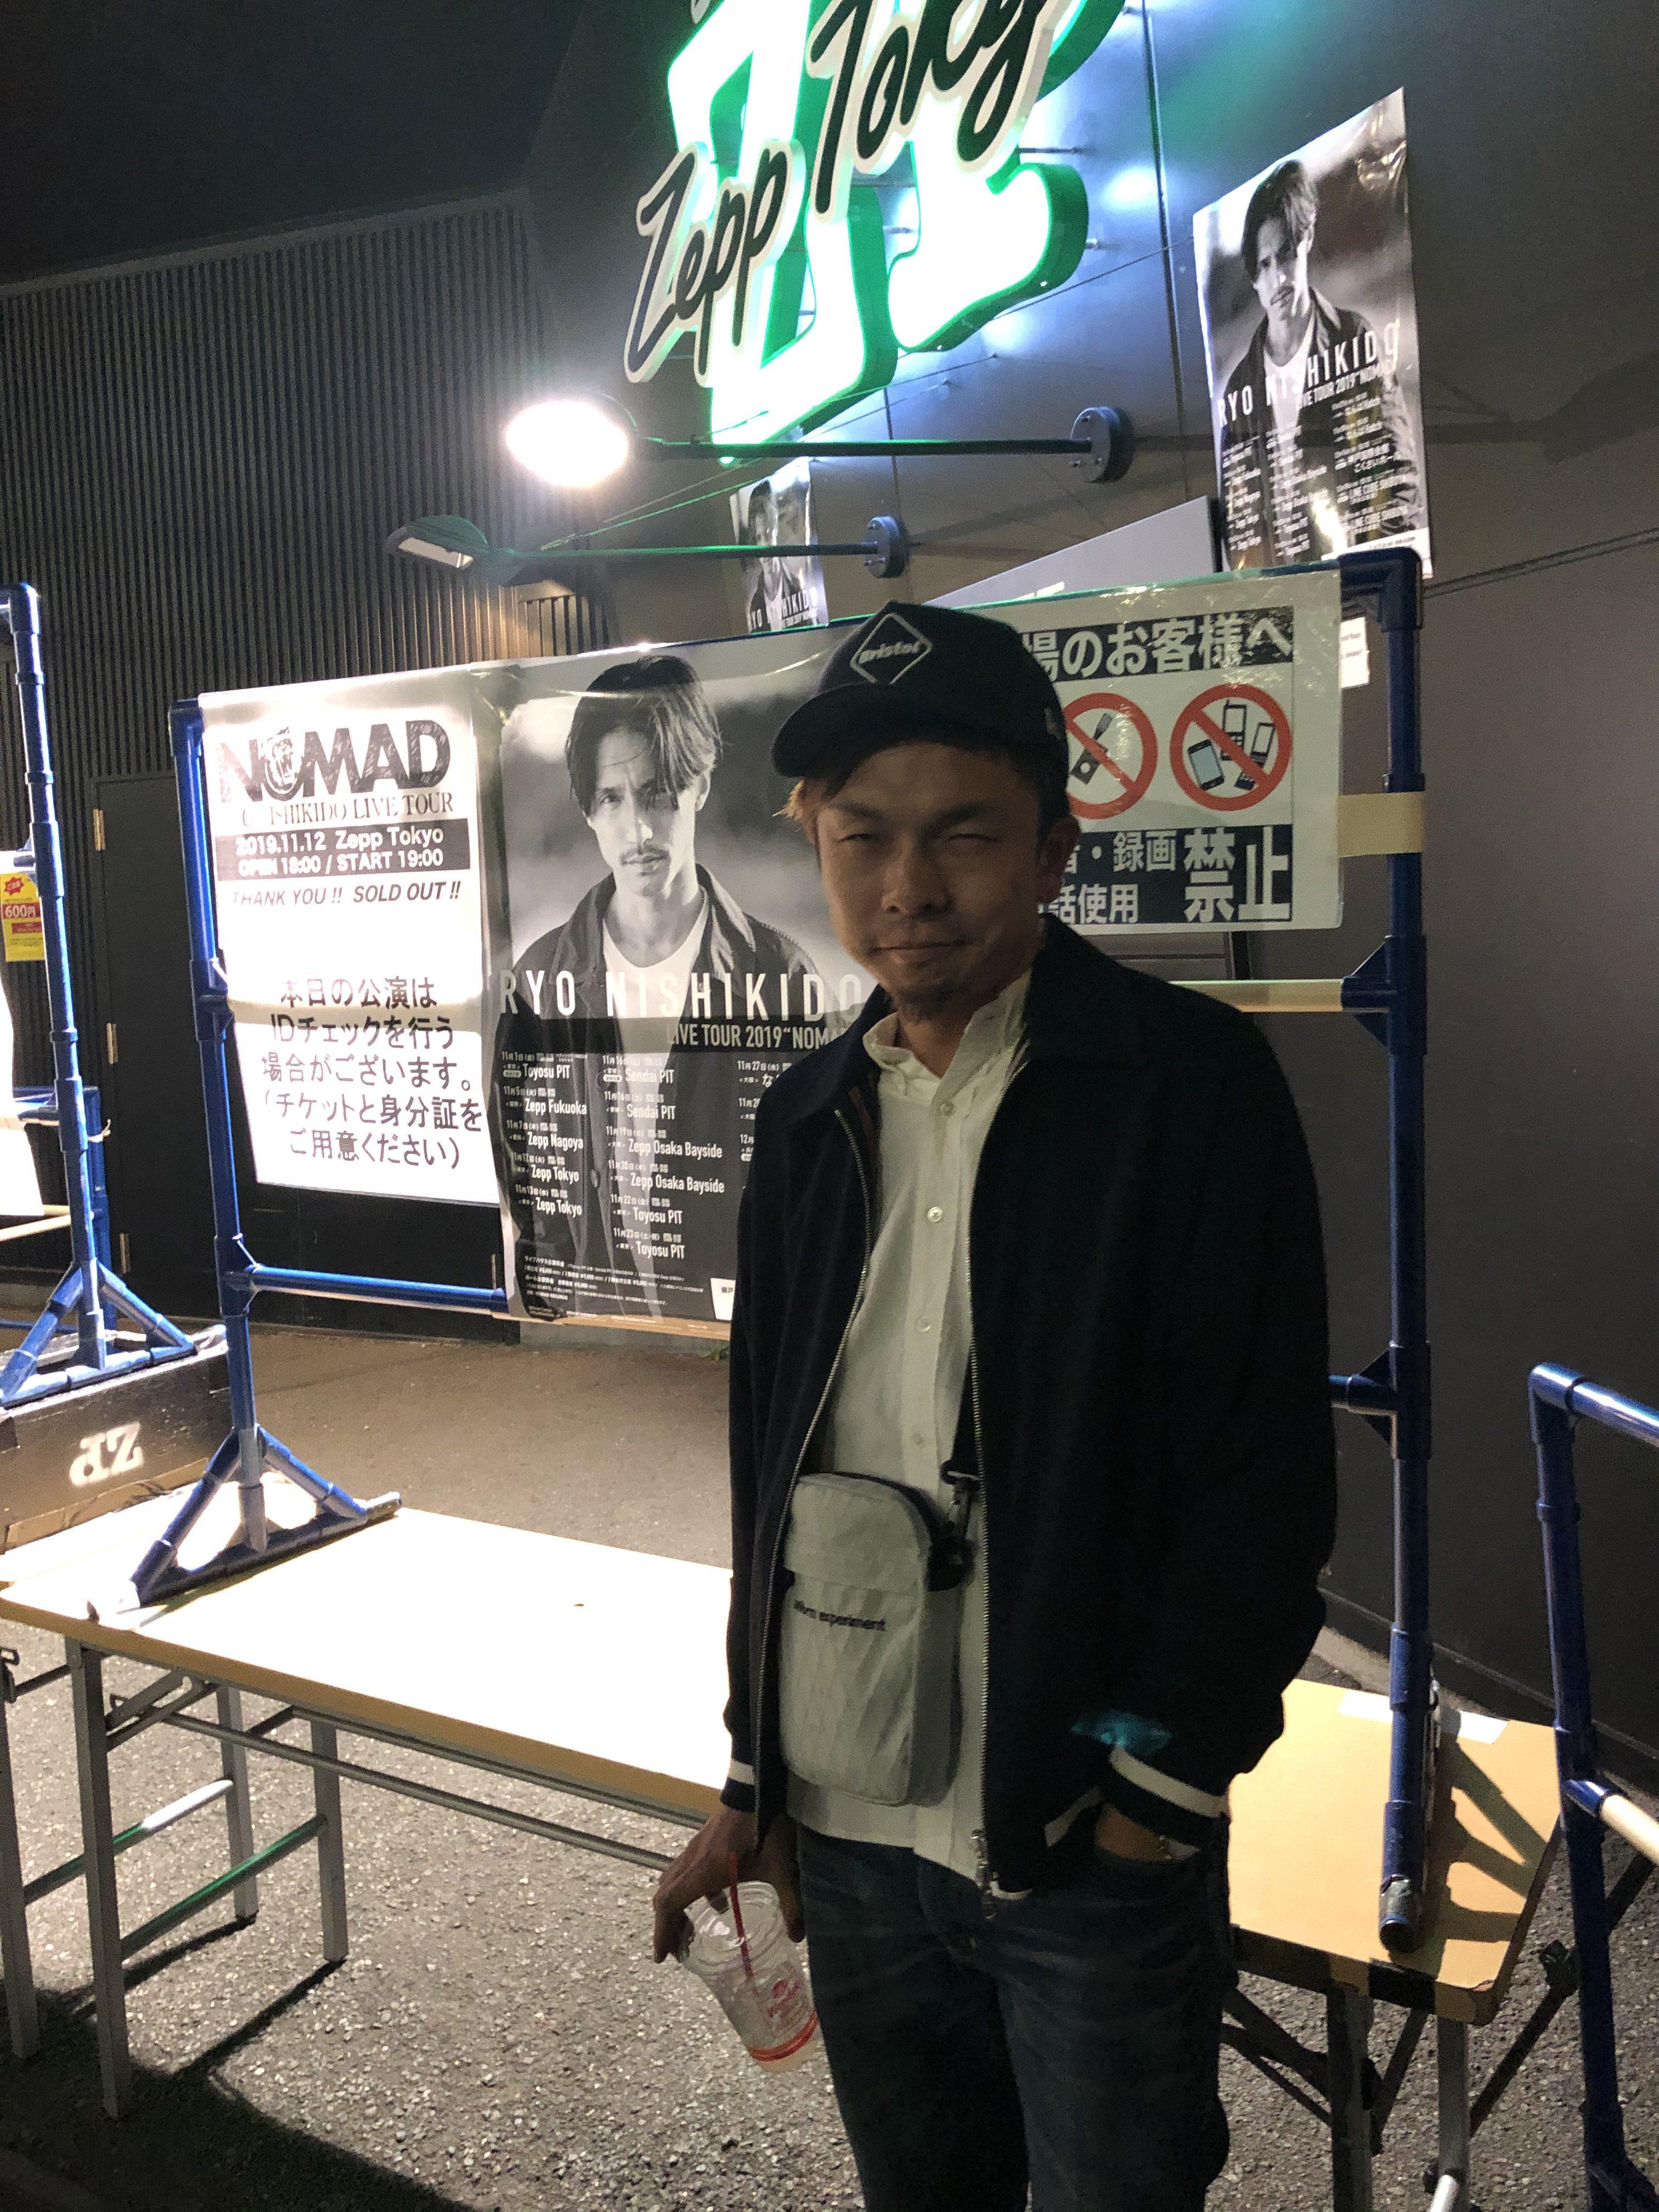 山梨県の工務店、未来建築工房とつくる注文住宅。|錦戸亮のライブツアーに行ってきたよね。